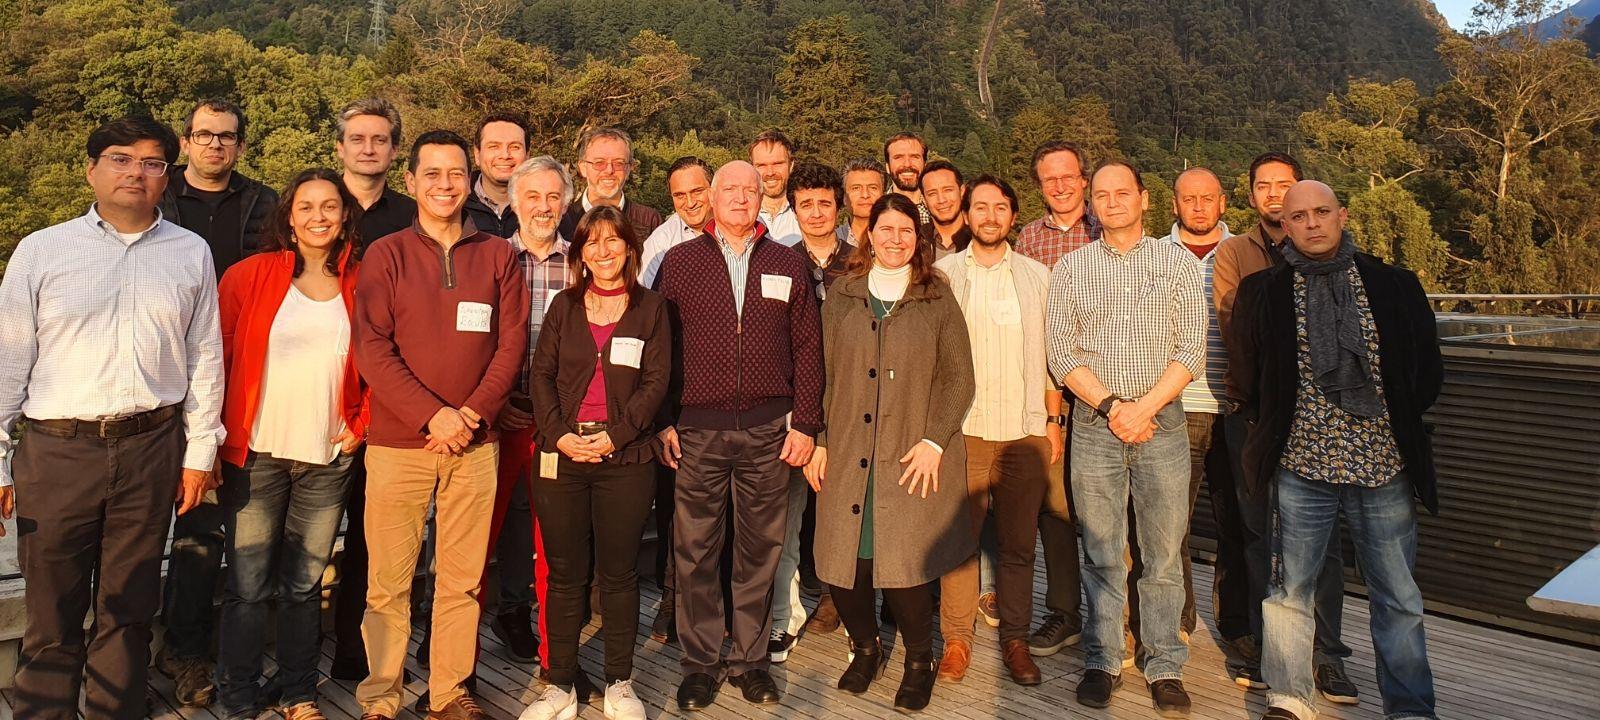 Profesores de la Facultad de Ingeniería en taller del instituto KAOSPILOT | Uniandes